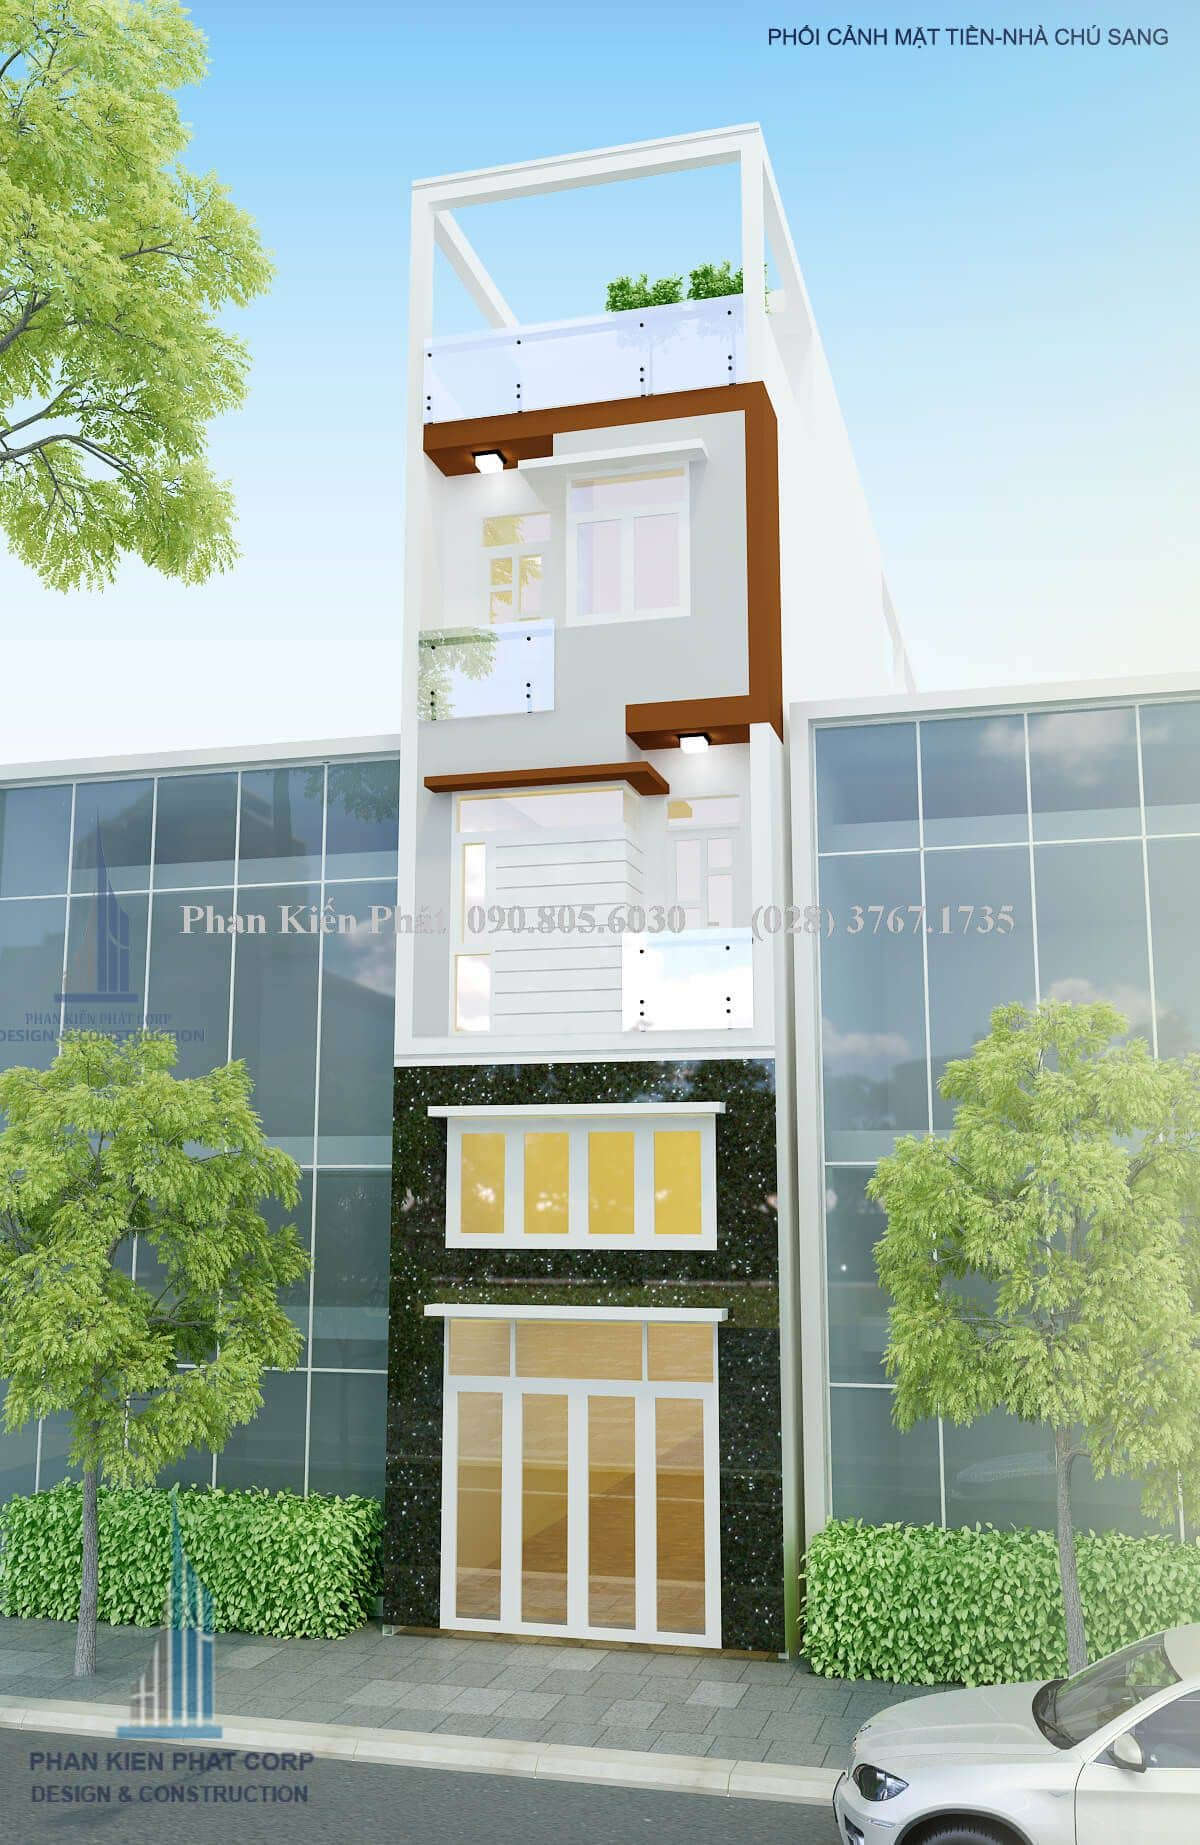 Phối cảnh mặt tiền của mẫu thiết kế nhà phố 1 trệt 3 lầu hiện đại